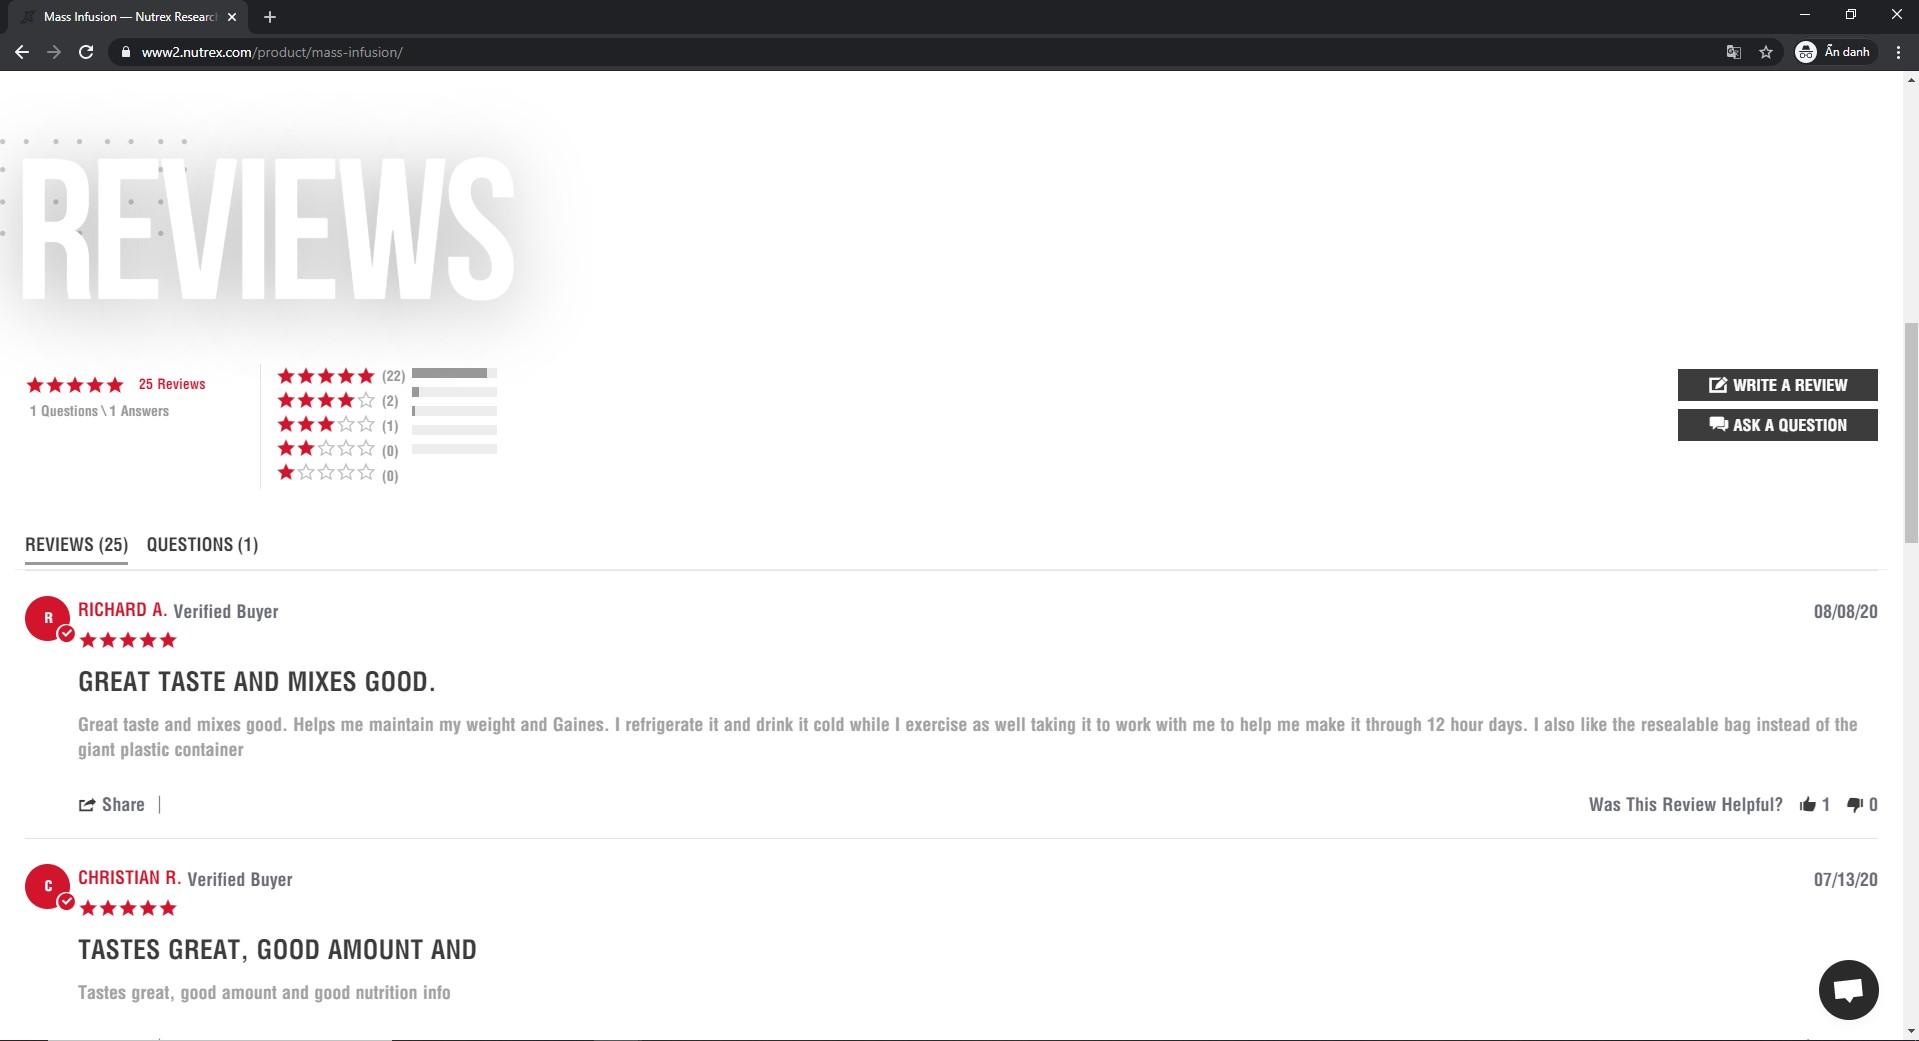 Ngay trên trang chủ của hãng. Sản phẩm Mass Infusion nhận được rất nhiều phản hồi tích cực từ khách hàng. Hầu hết đều là đánh giá 5 sao cho sản phẩm tăng cân này